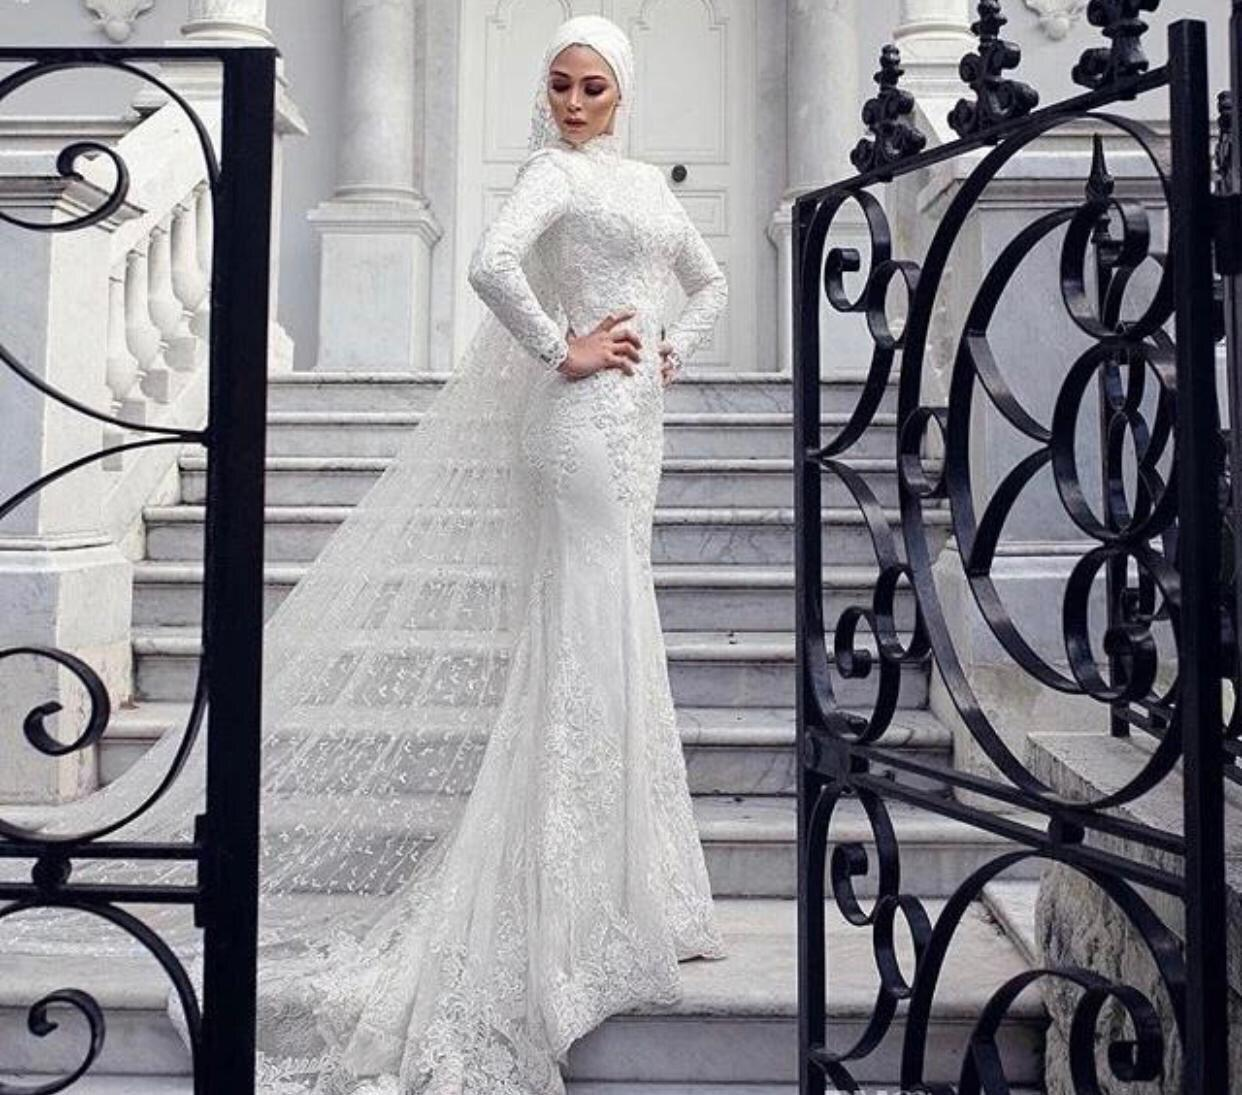 Custom Make Hochzeitskleid Muslim Arabisch Dubai Stil Wunderschöne Meerjungfrau Spitze Perlen Hochzeitskleid mit Turban Schal und Schleier